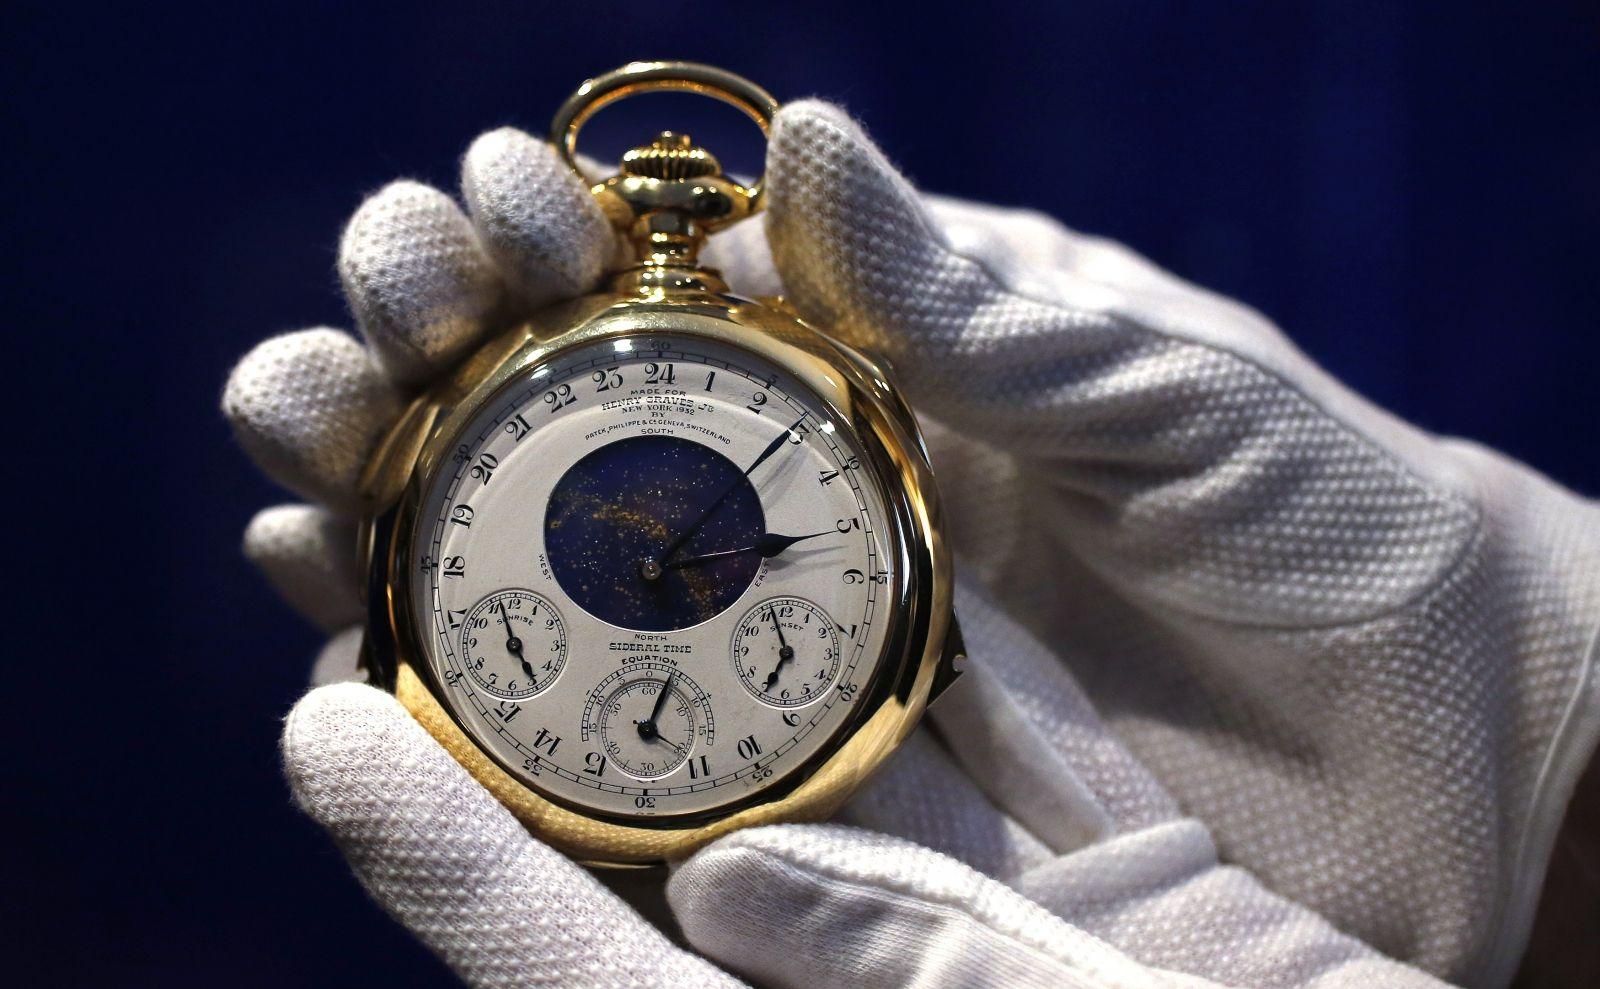 patek-philippe-watch-sothebys-auction